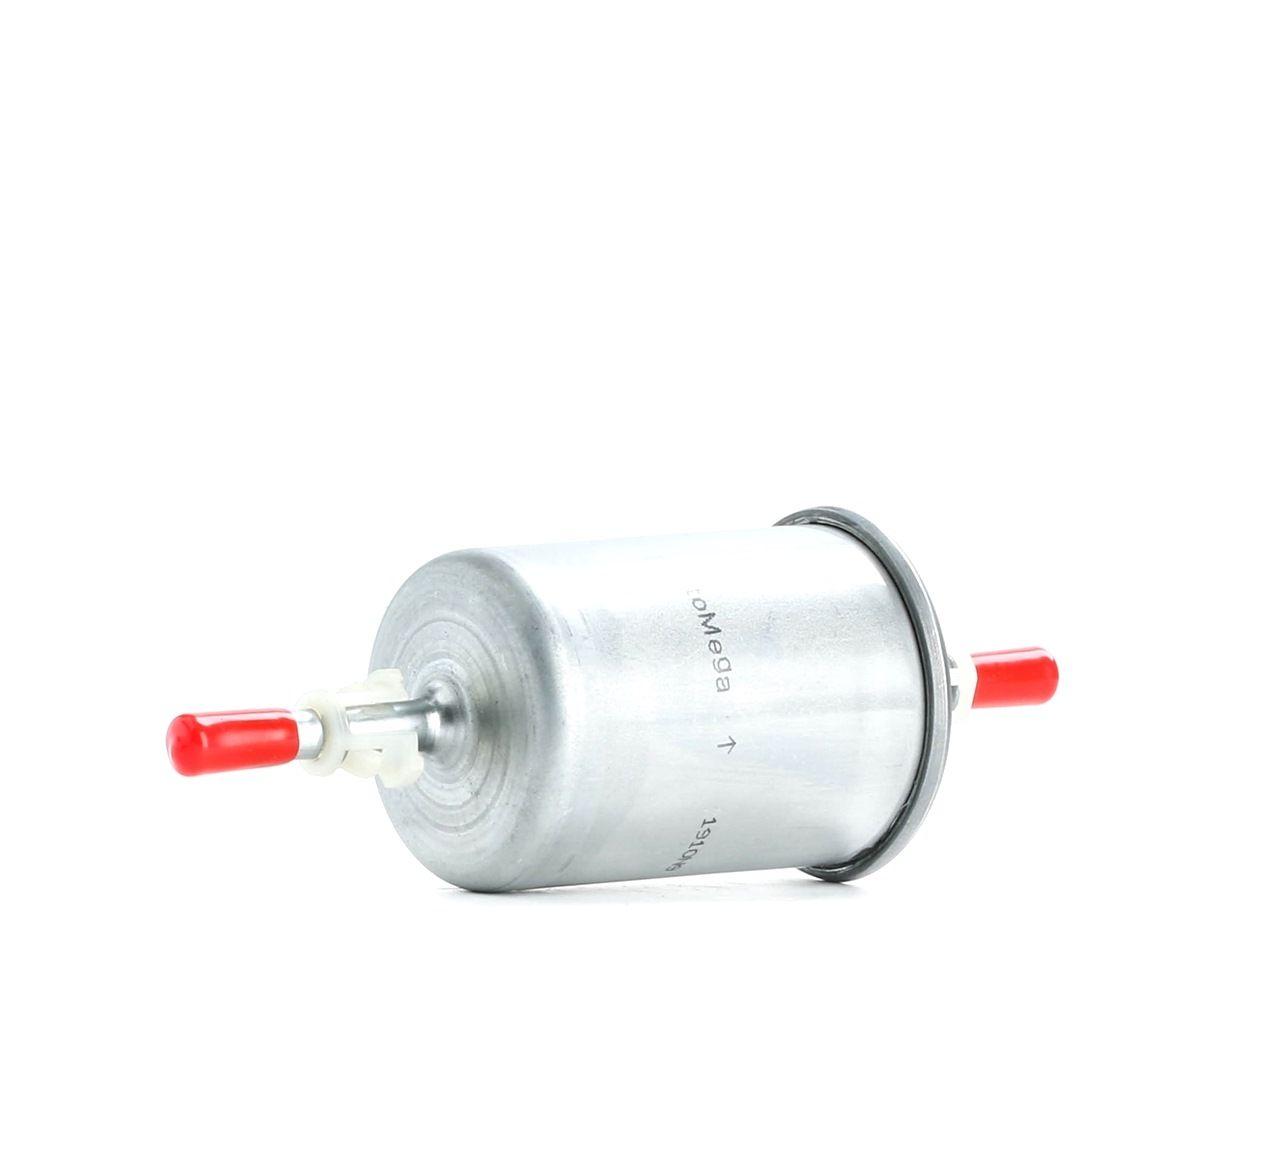 Palivový filtr Skoda Fabia 6y5 rok 2000 180009510